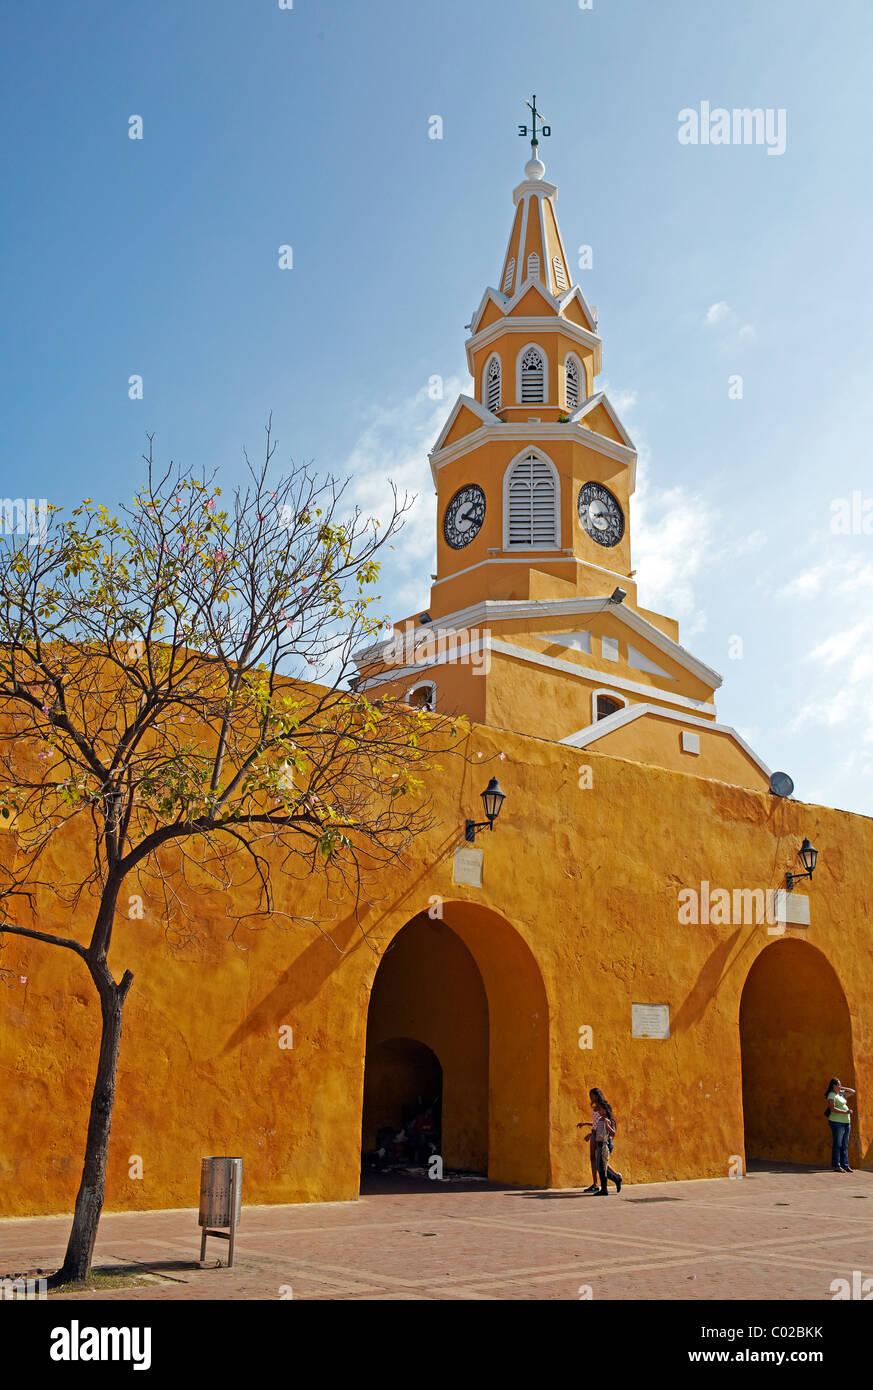 Amarillo la torre del reloj, la antigua ciudad de Cartagena, Colombia Imagen De Stock